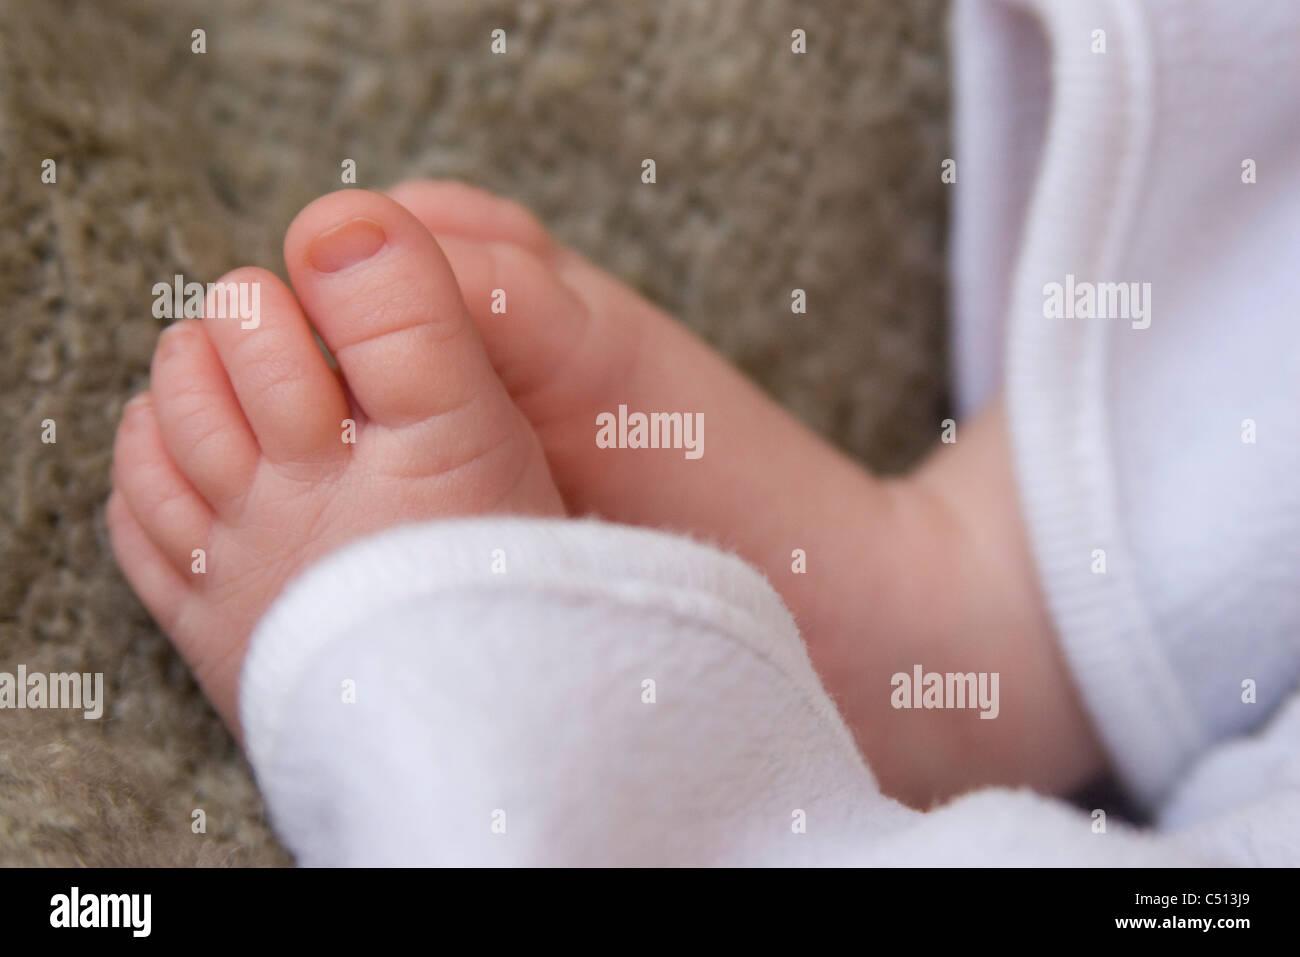 Les pieds de bébé, close-up Photo Stock